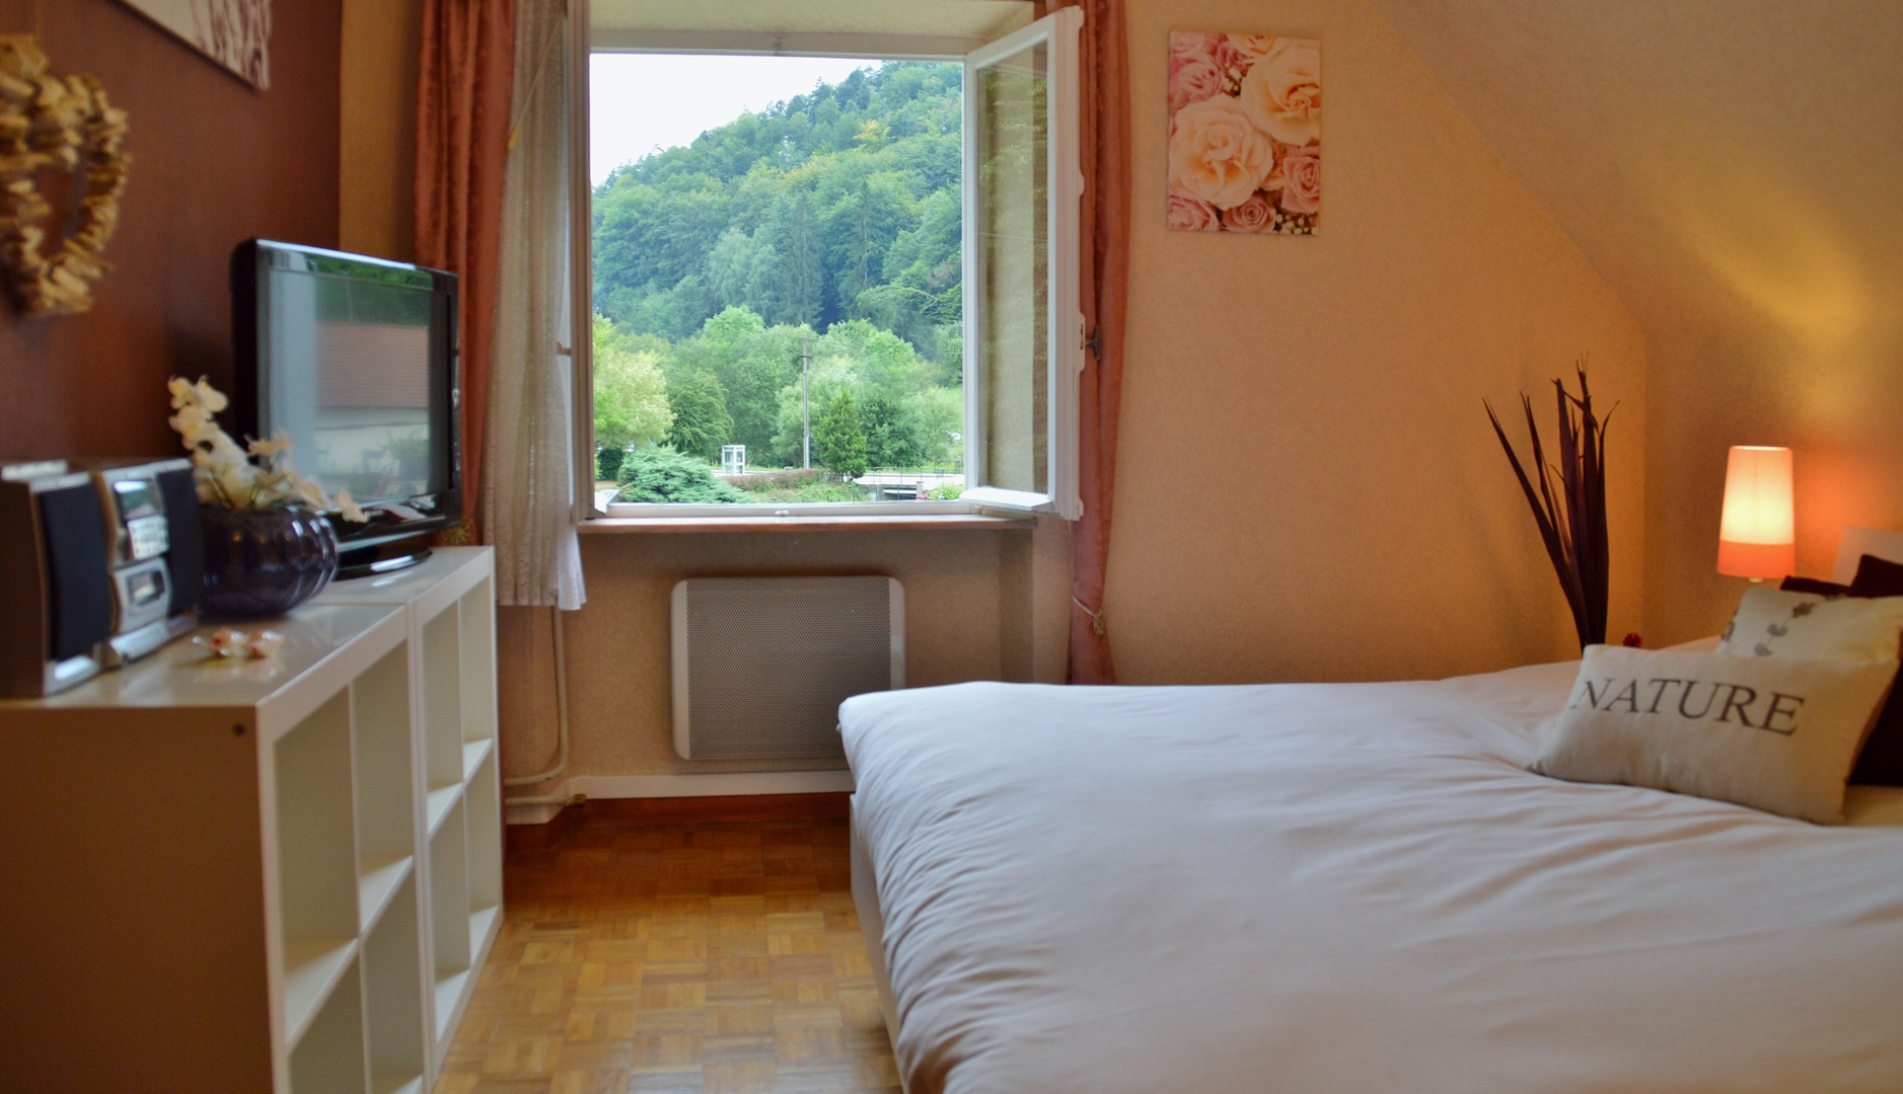 Ferienhaus Nord Vogesen in der nähe von Bitche und Niederbronn - Nord Elsass